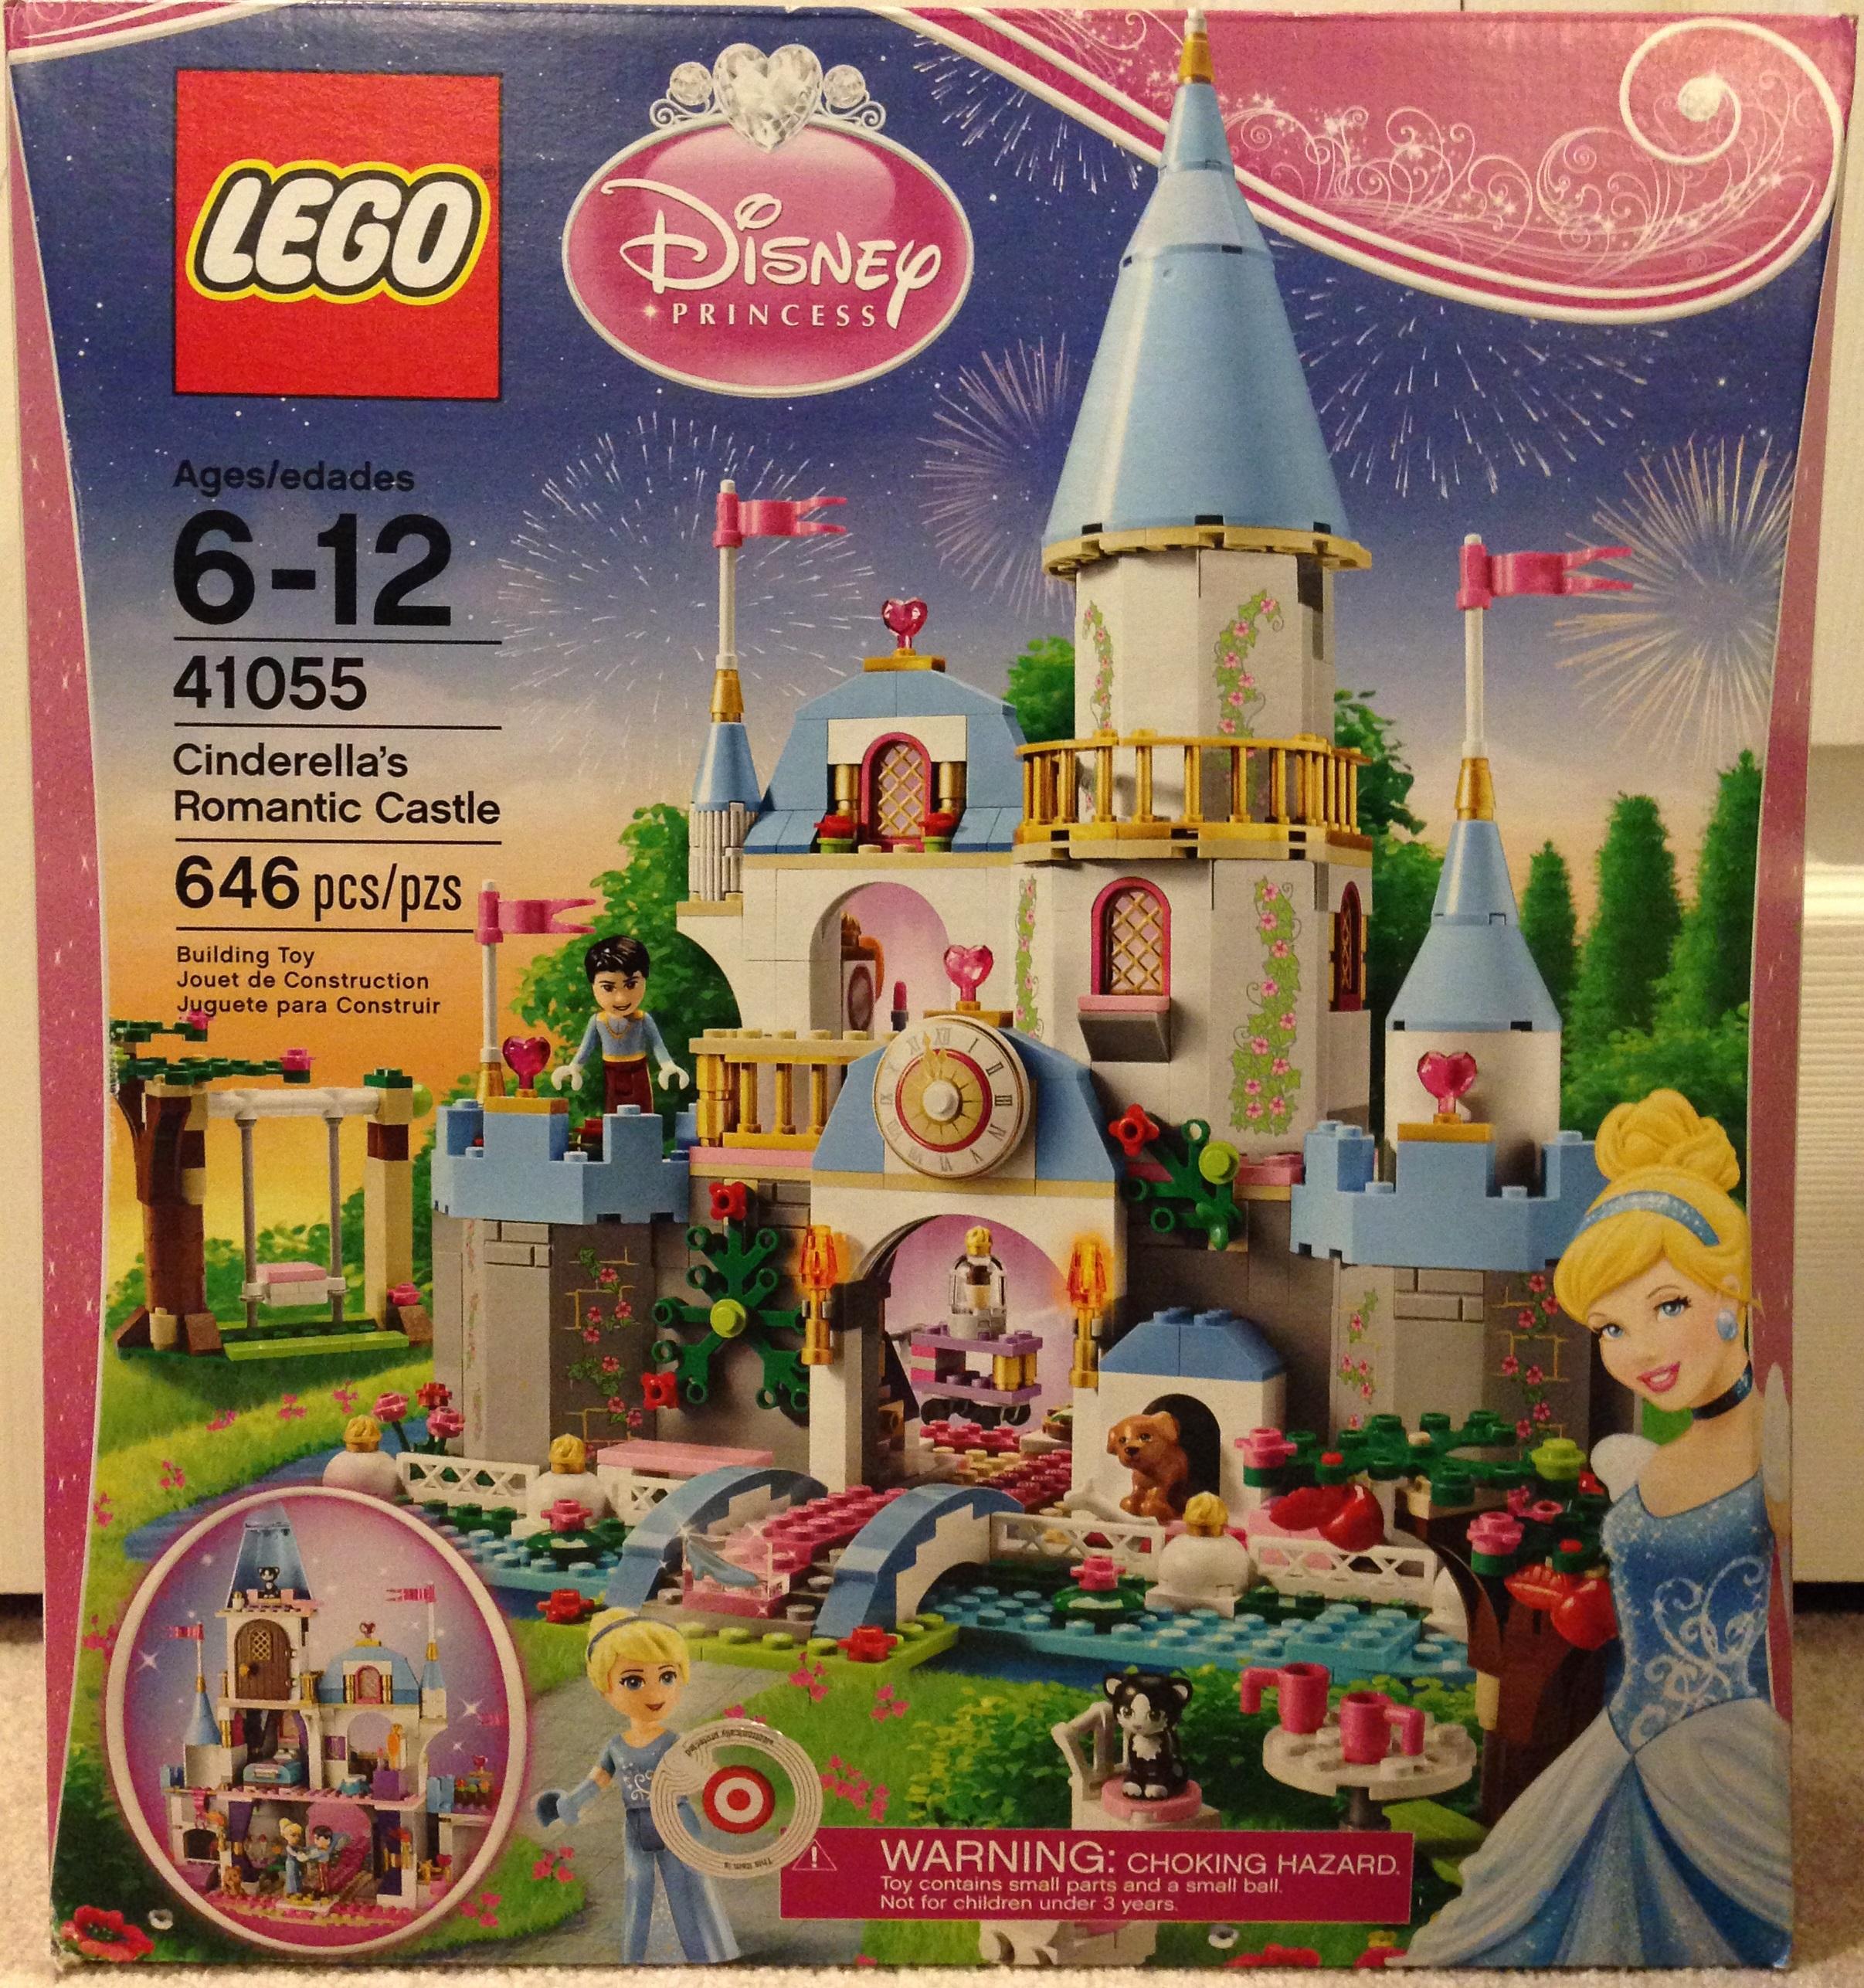 Romantic 41055Cinderella's The Lego Roarbots Castle uOPXZiTwk